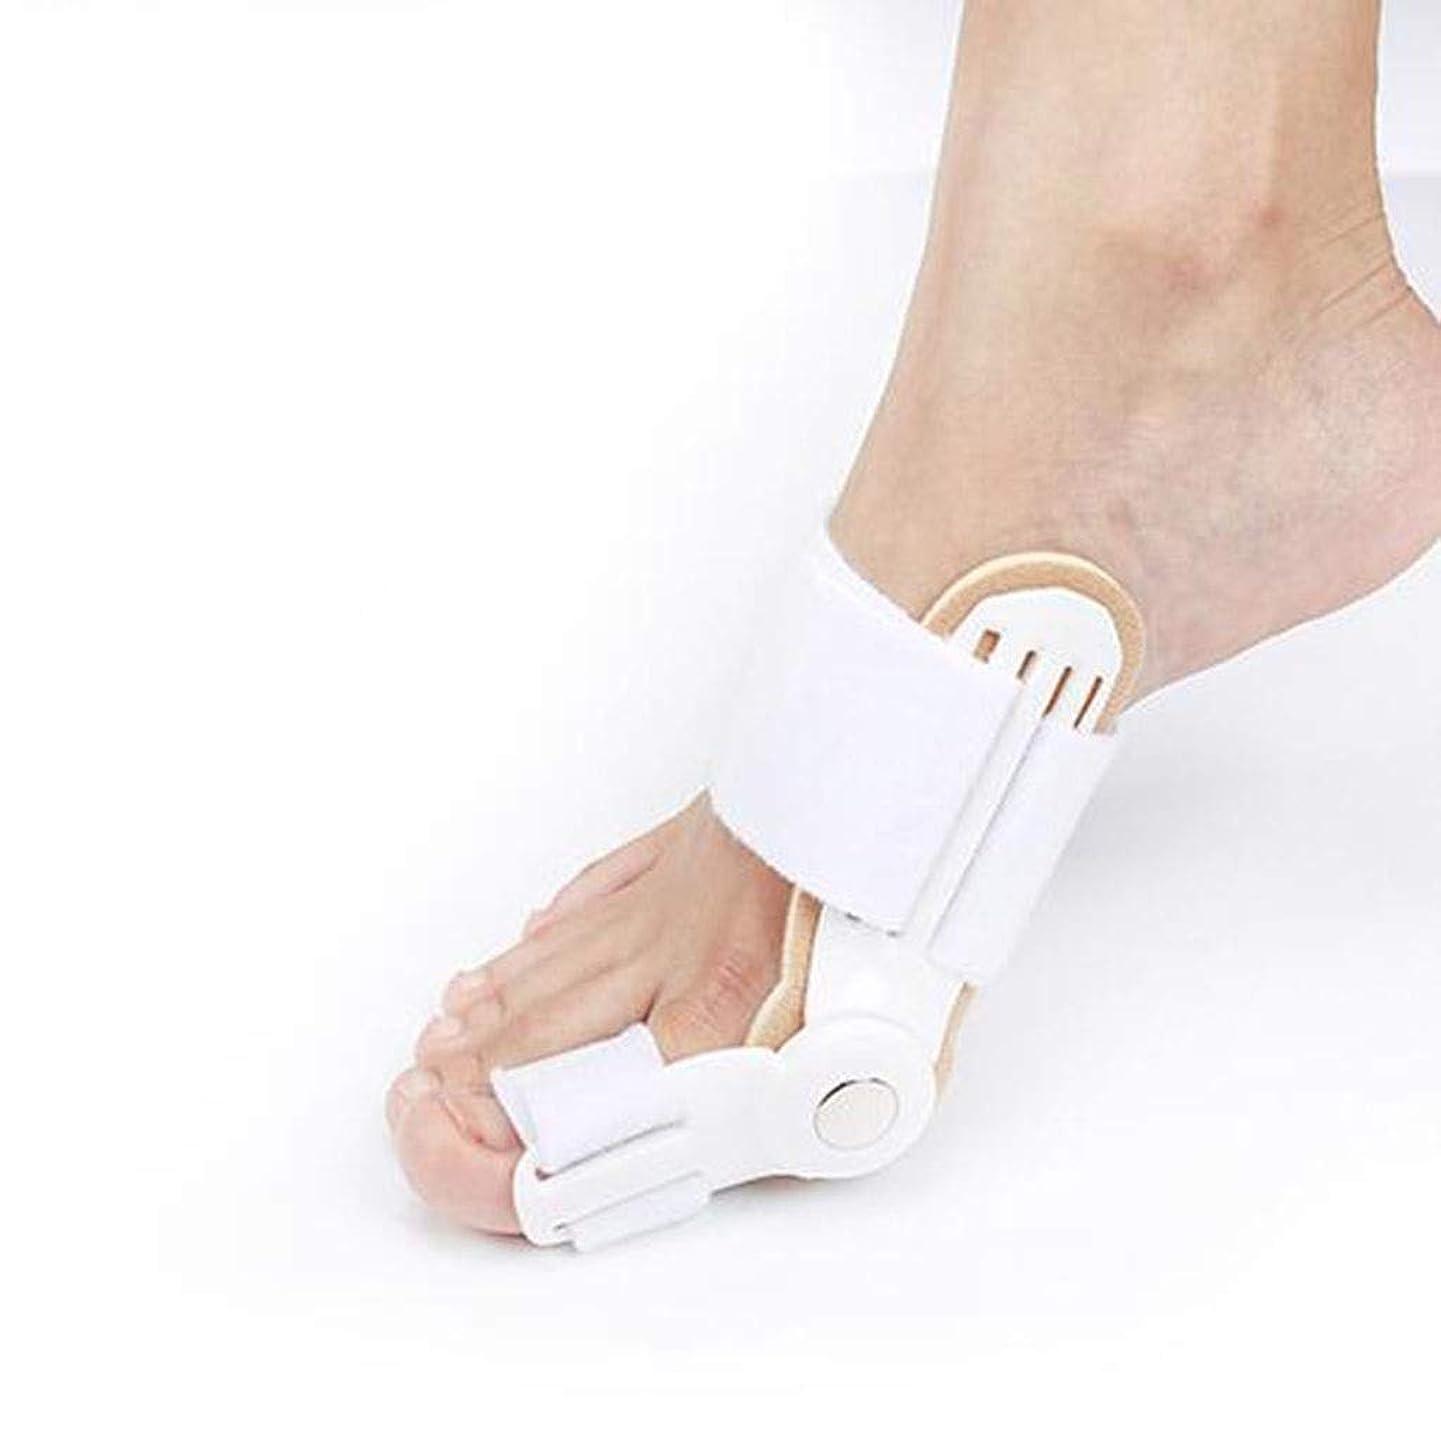 子羊正直後者足の整形外科用足の親指親指外反整形外科大人の足の外反整形外科ビッグフットボーン外反が付いている夜セパレーター